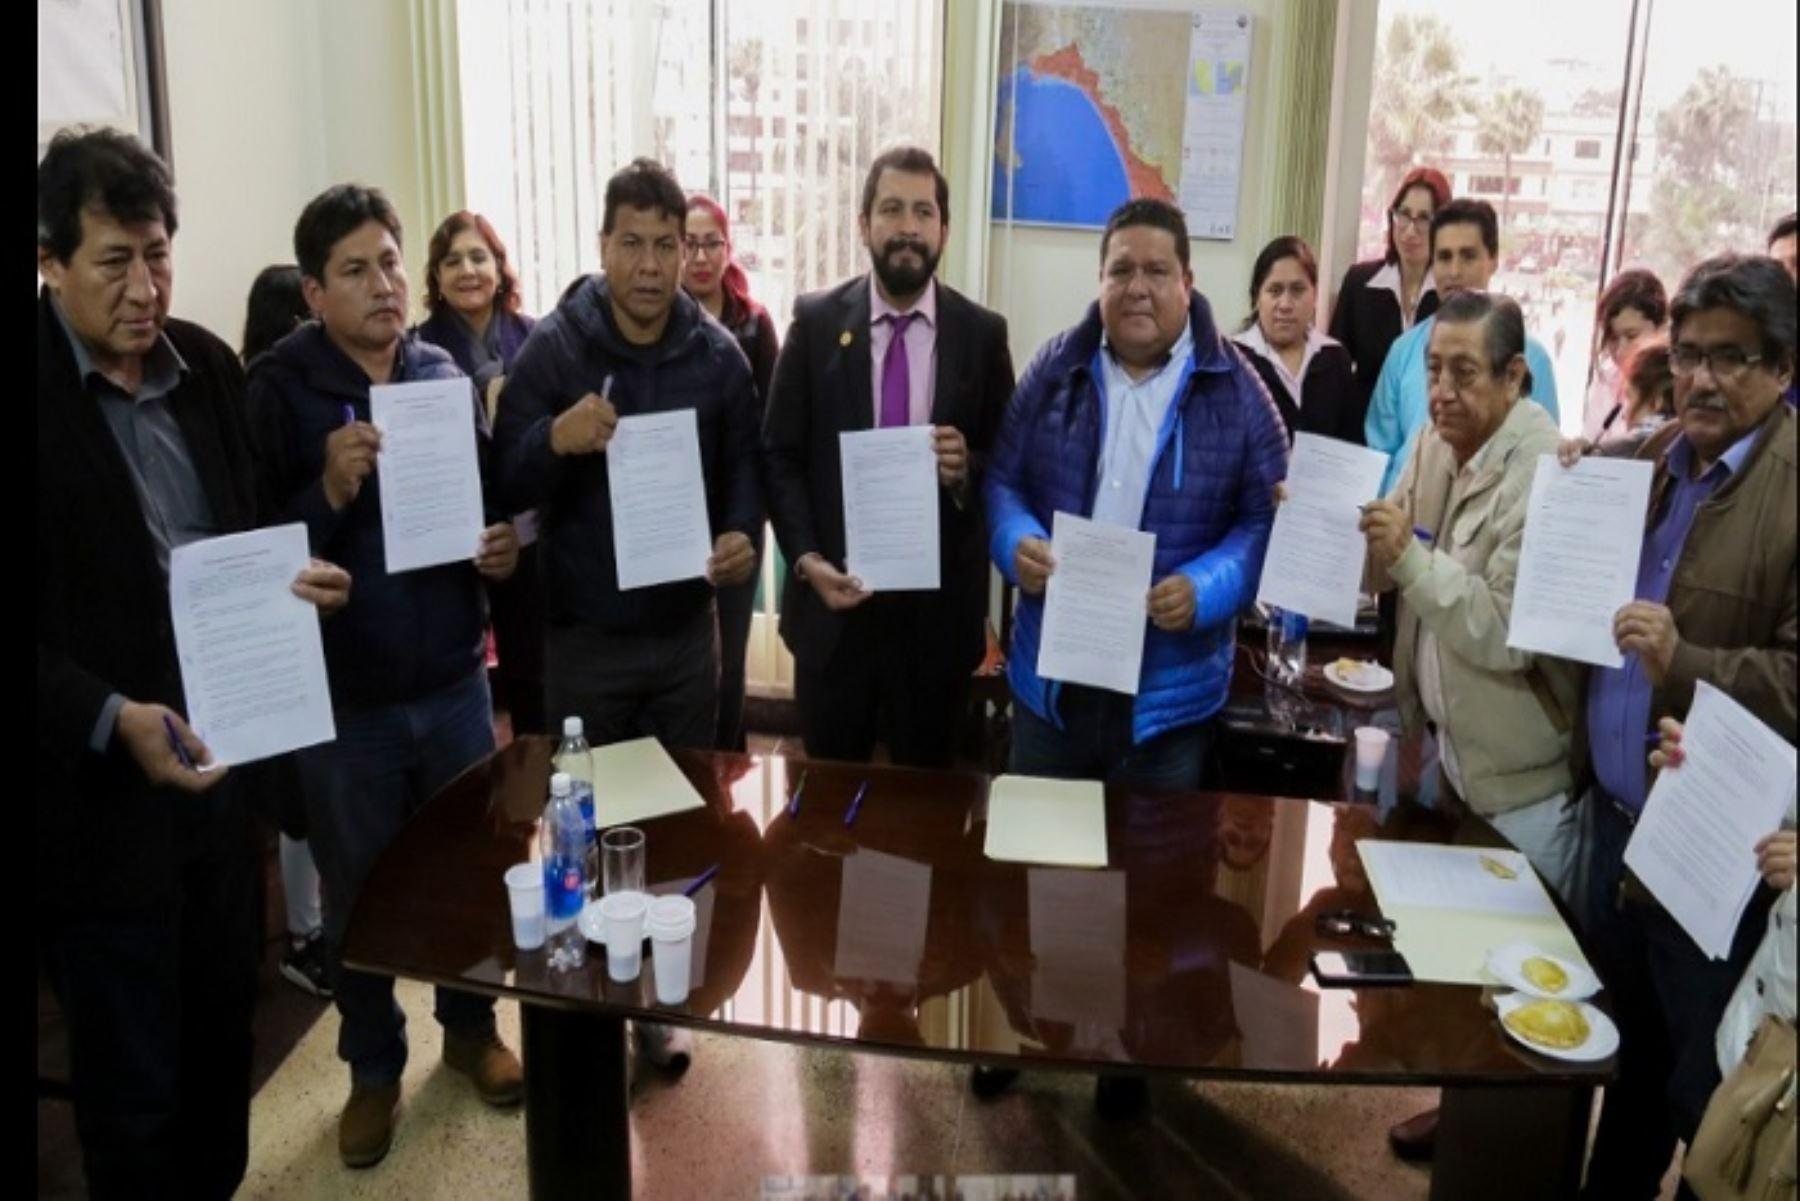 Alcaldes de los nueve distritos de la provincia del Santa, en la región Áncash, suscribieron un documento en el que se comprometieron a impulsar políticas que permitan reducir los índices de anemia que padecen generalmente los menores.